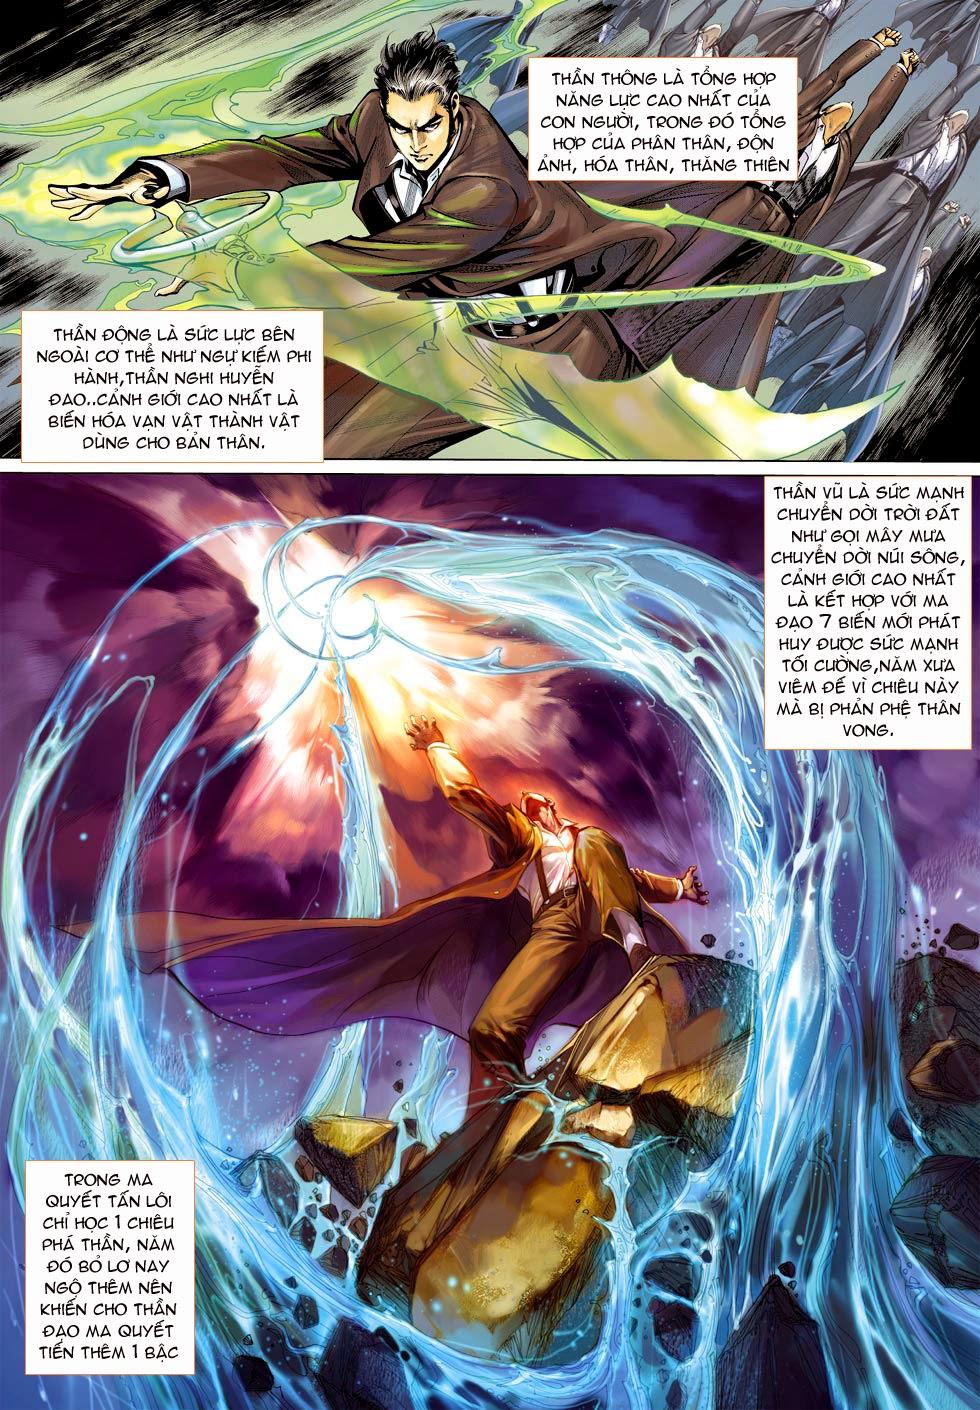 Thần Binh 4 chap 25 - Trang 8